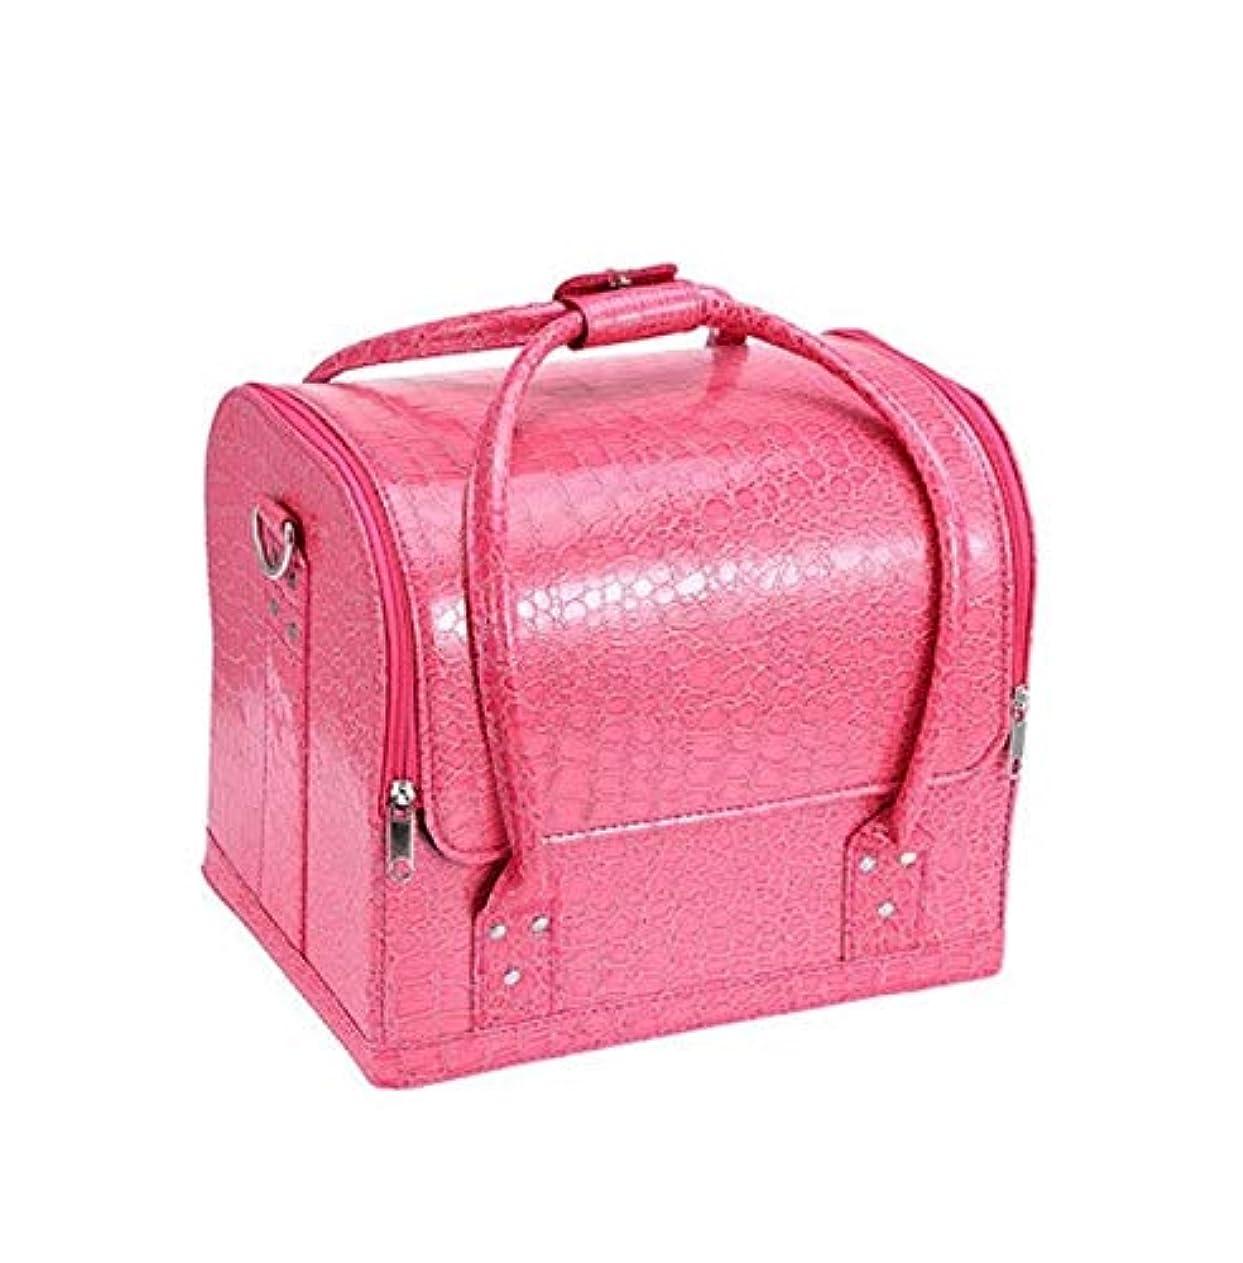 コース渦宣伝化粧品ケース、ポータブルワニ皮パターン化粧品袋、多層ダブルオープンポータブル化粧品ケース、ポータブル旅行多機能化粧品ケース、美容ネイルジュエリー収納ボックス (Color : ピンク)